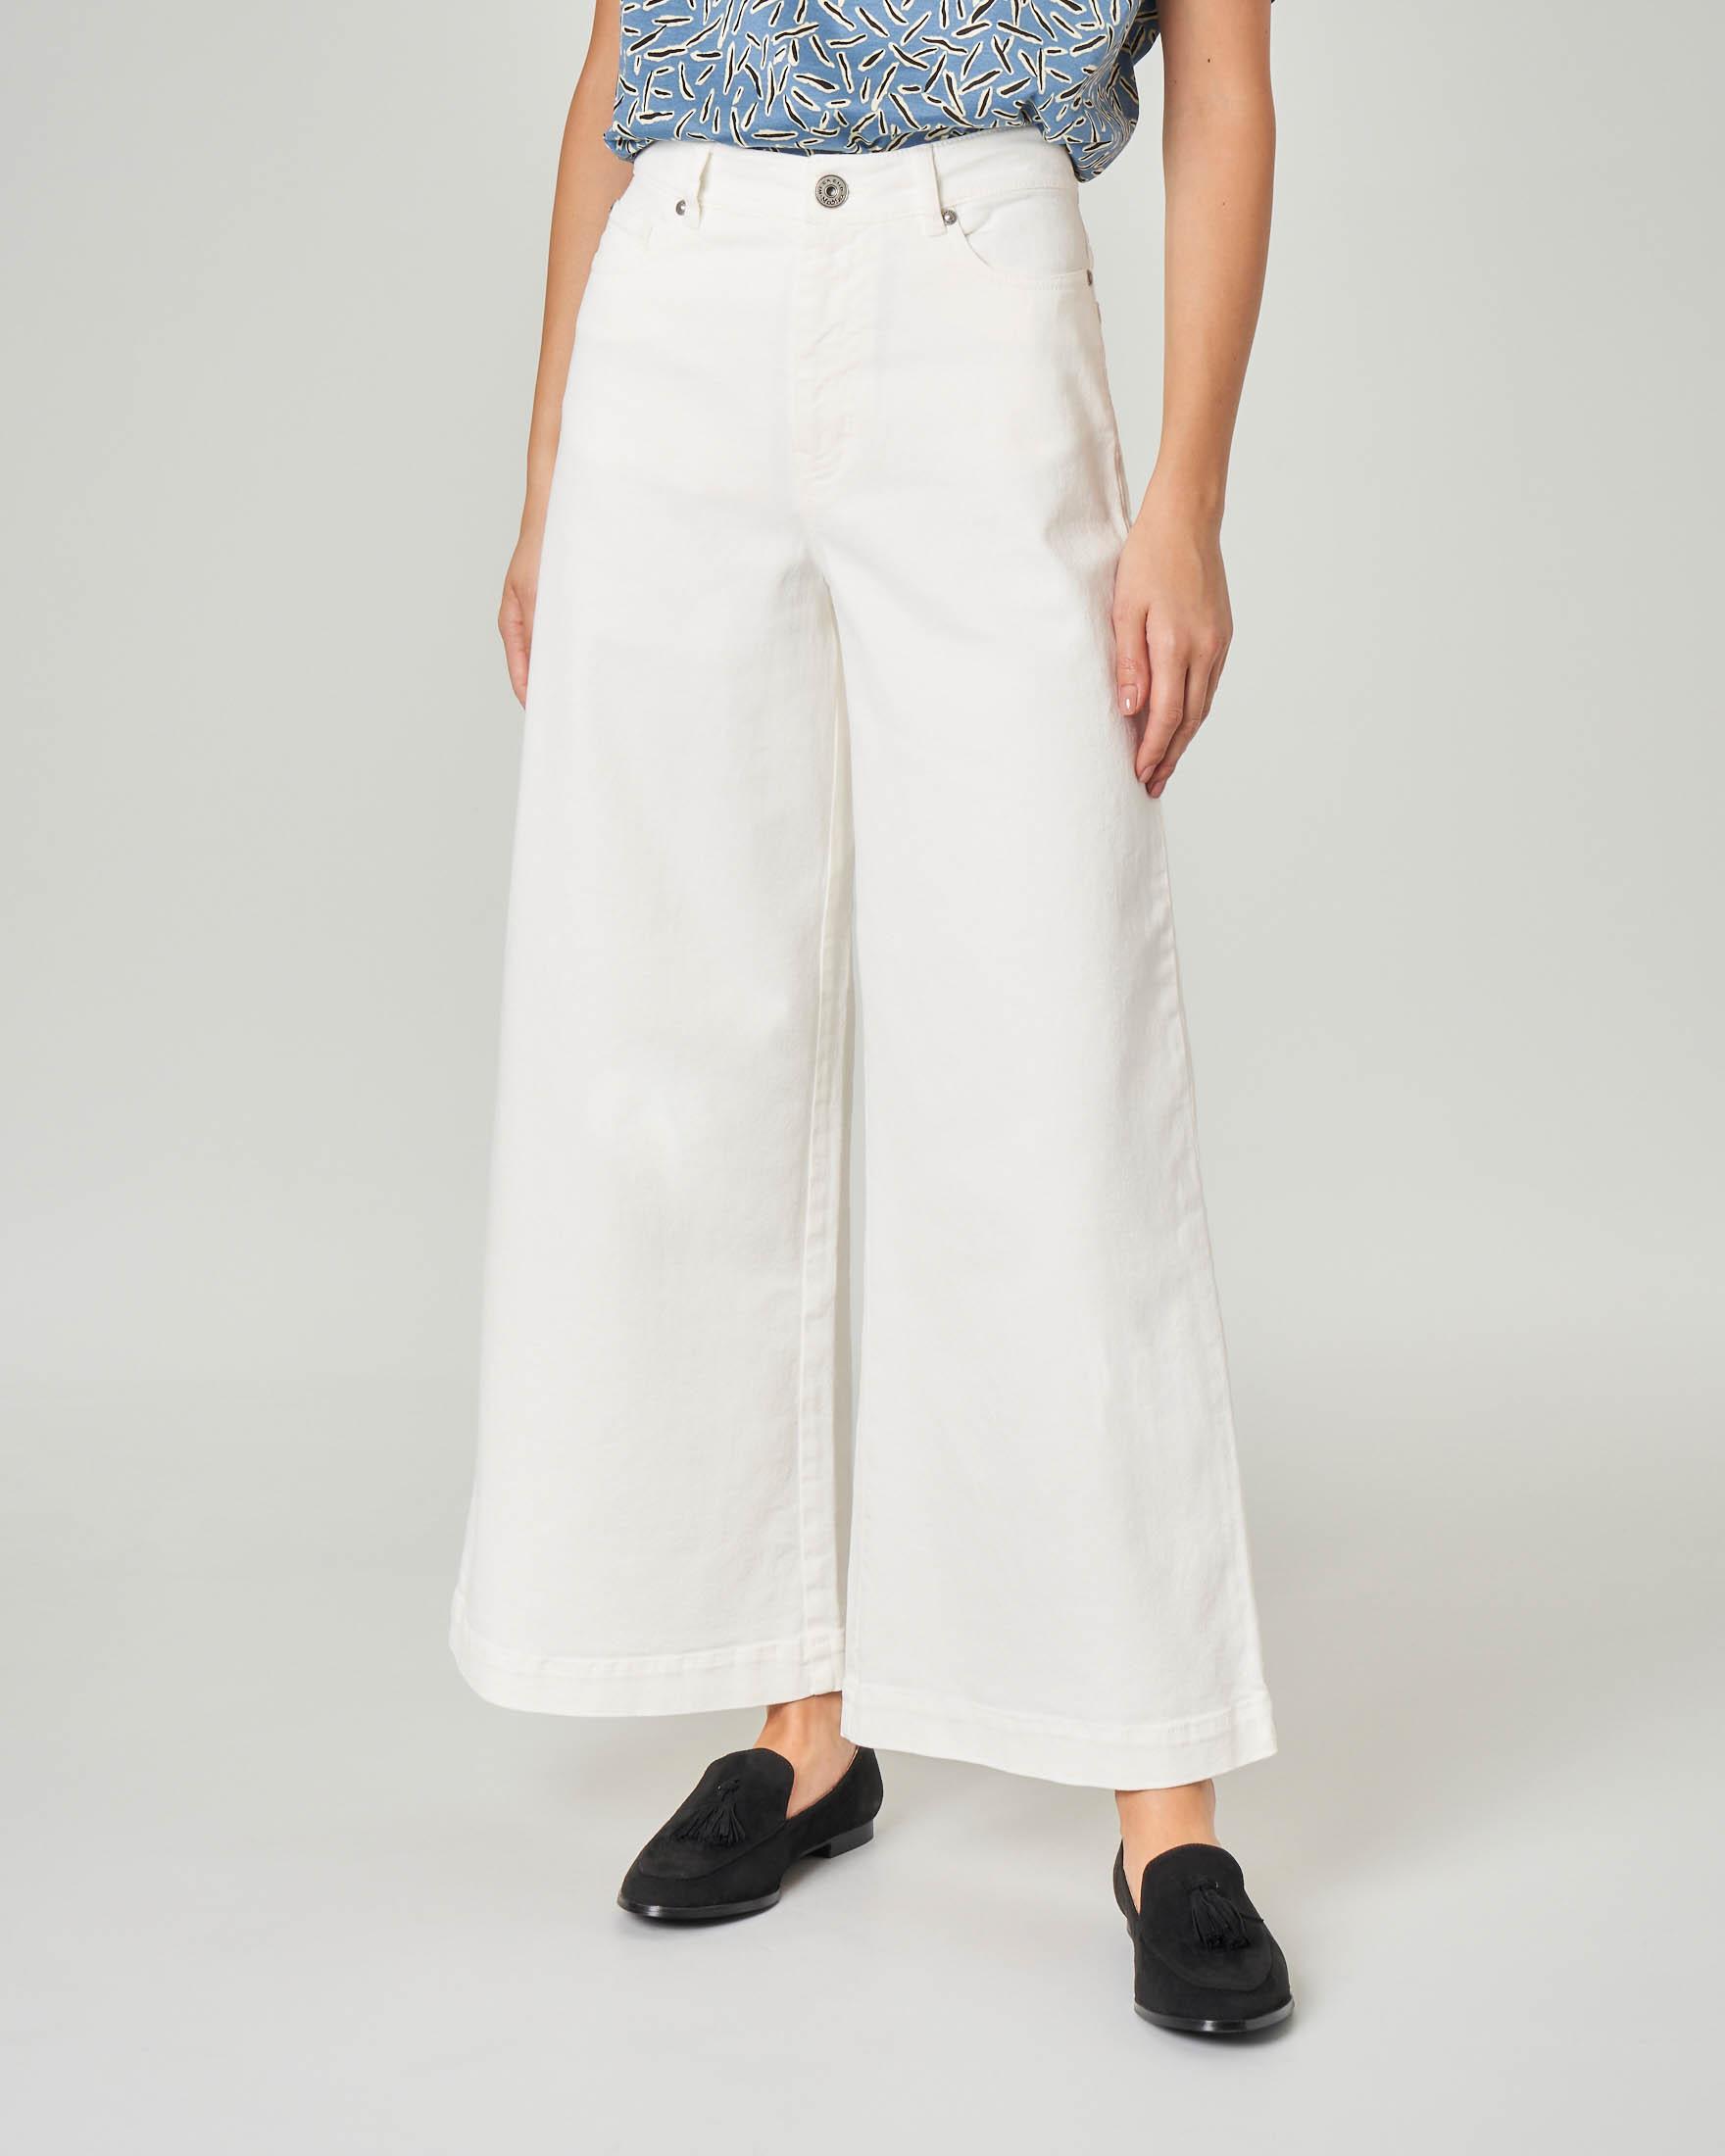 Jeans bianco flare in cotone elasticizzato